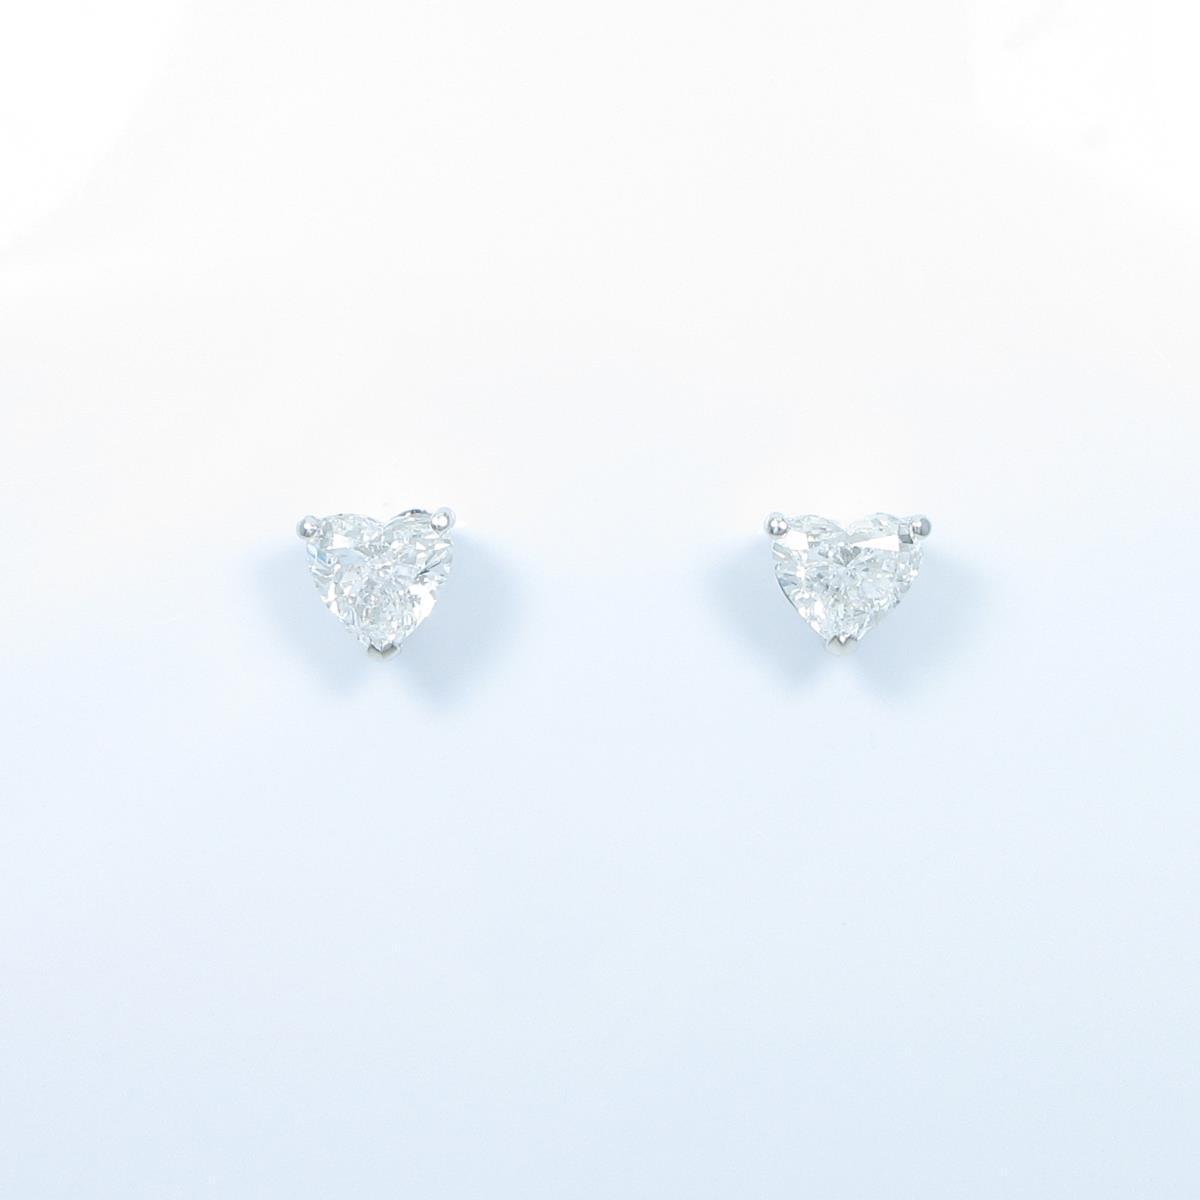 【リメイク】ST/プラチナダイヤモンドピアス 1.009ct・1.036ct・D・VS2・ハートシェイプ【中古】